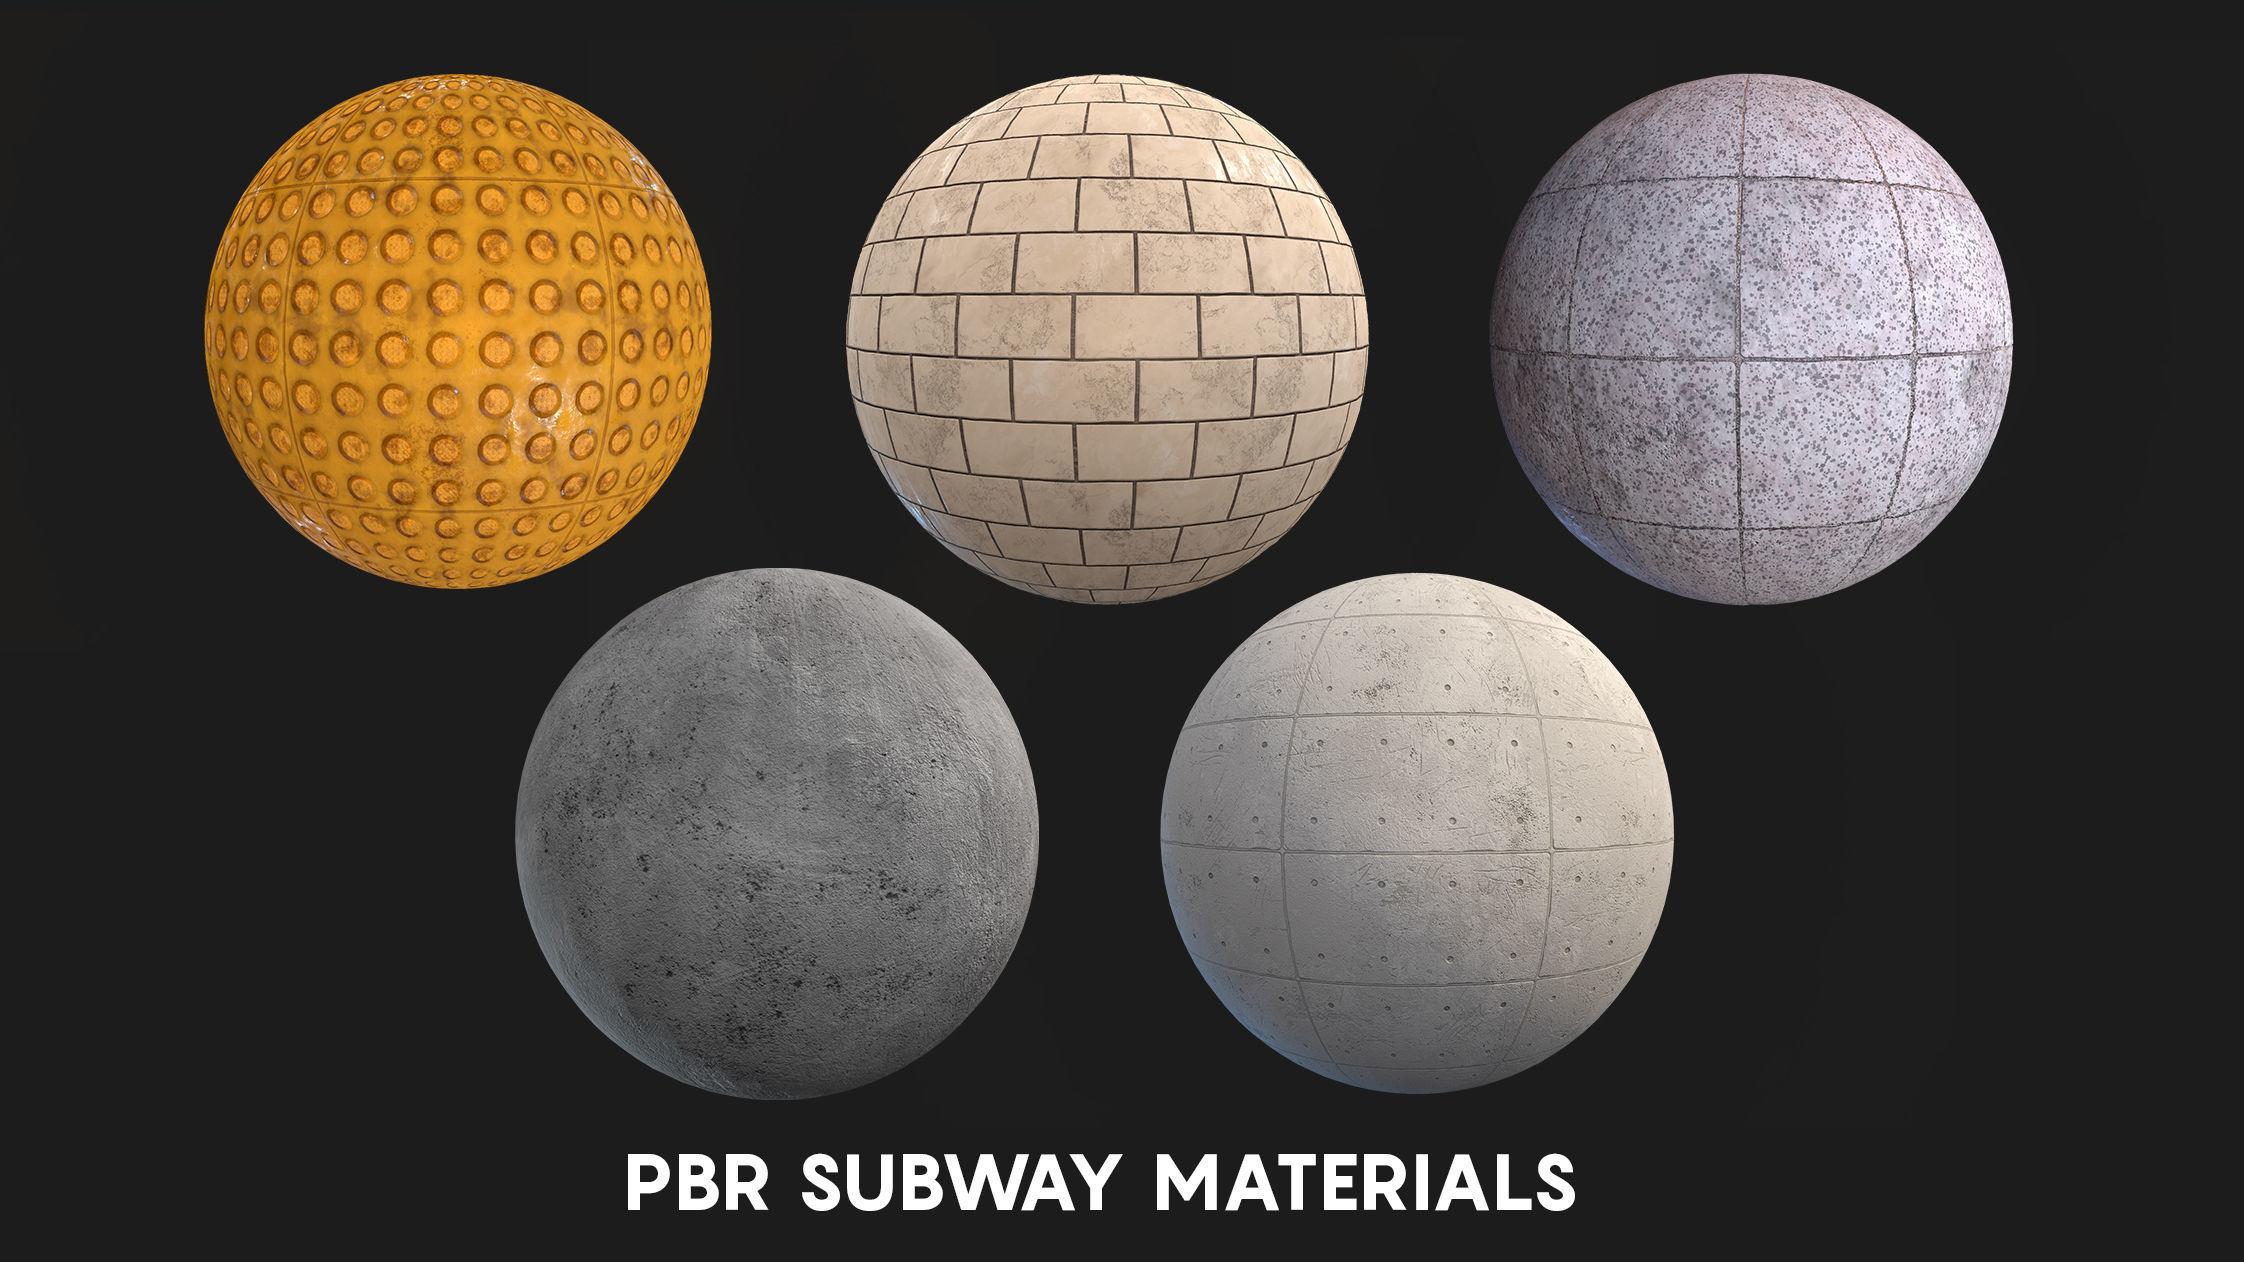 PBR Subway Materials